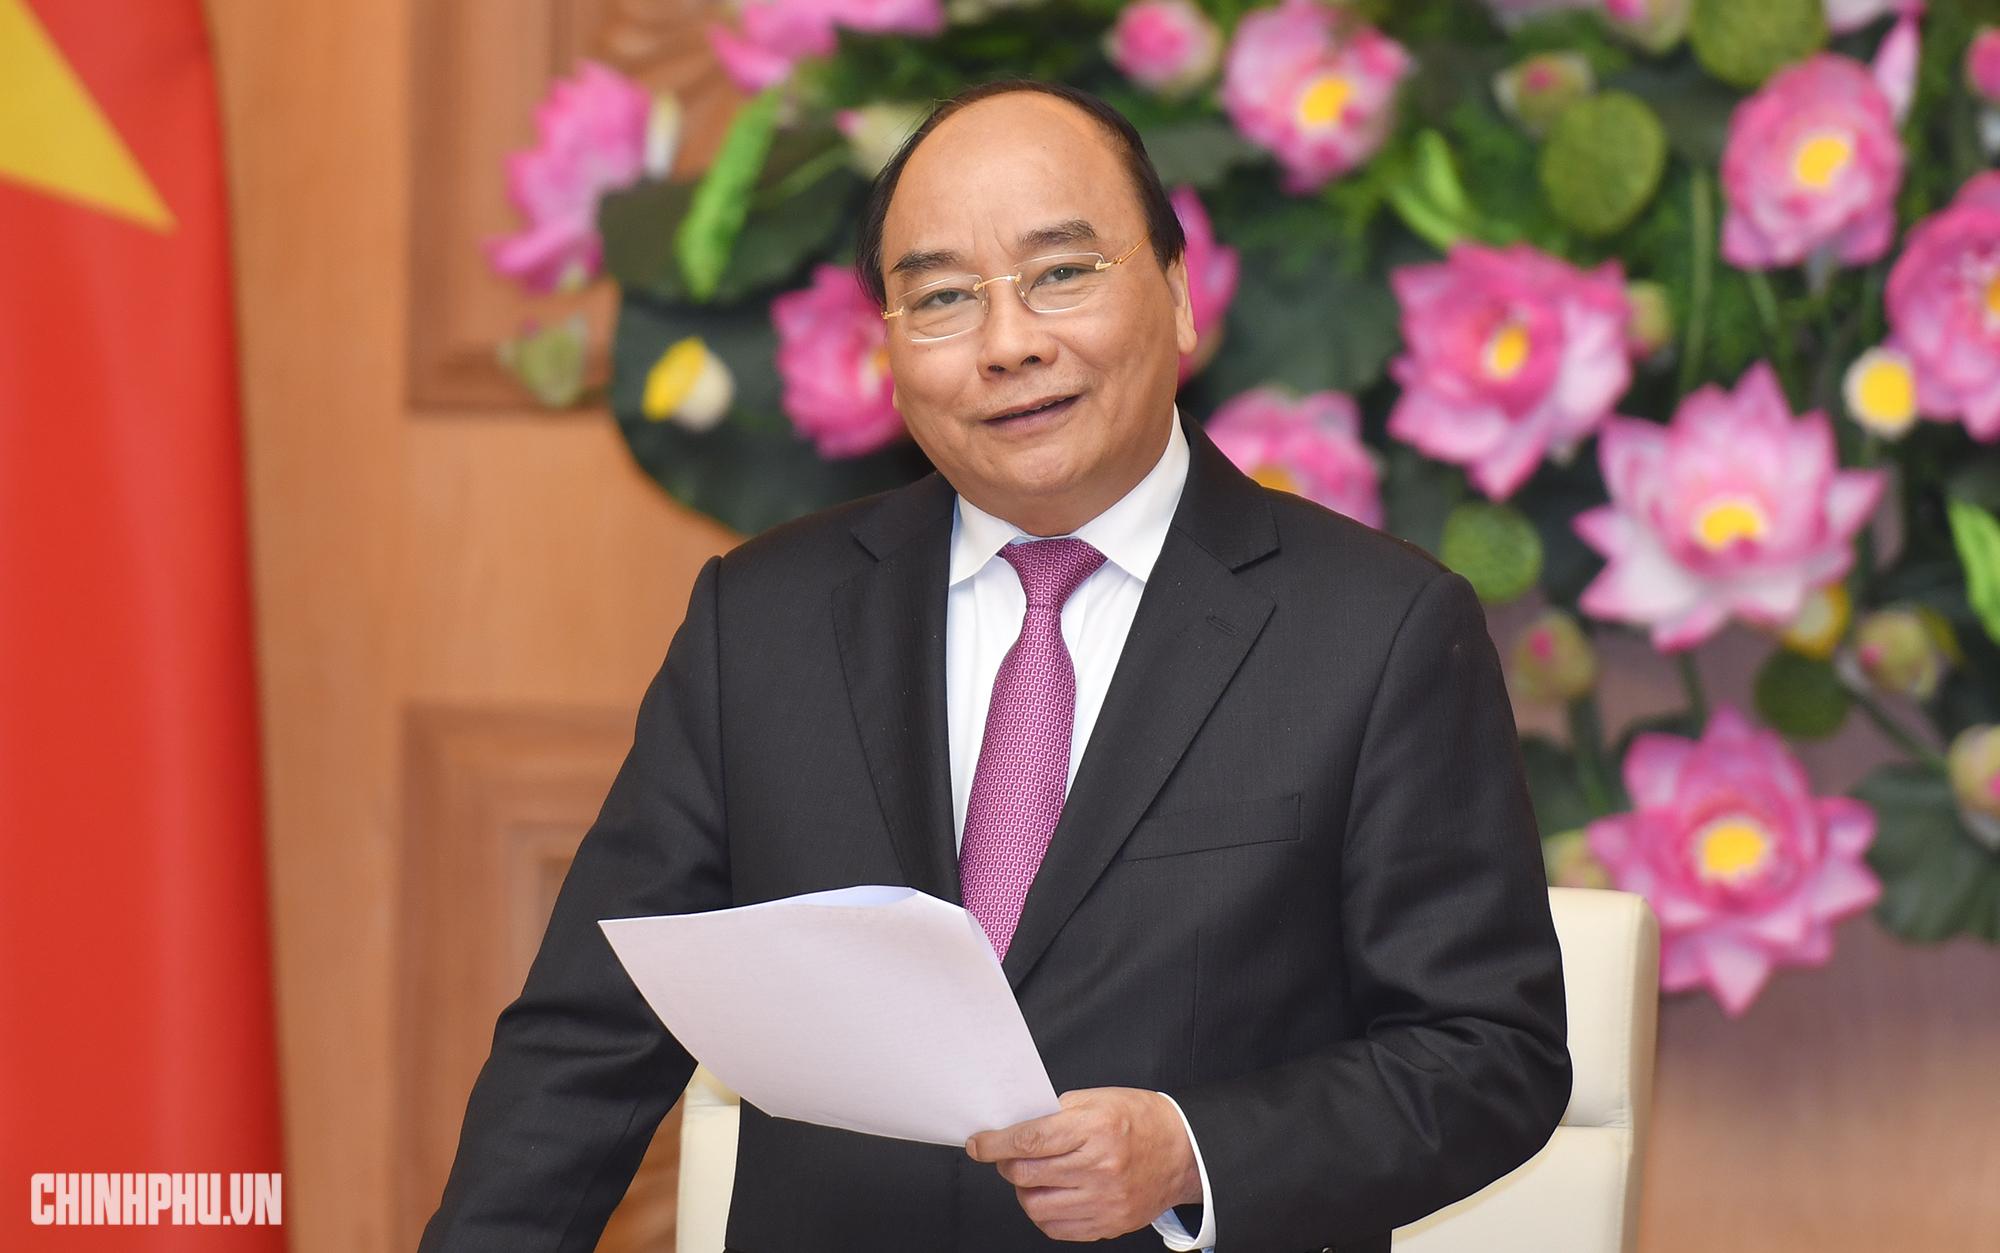 thu tuong giao duc cham soc suc khoe khong phai chuyen binh thuong